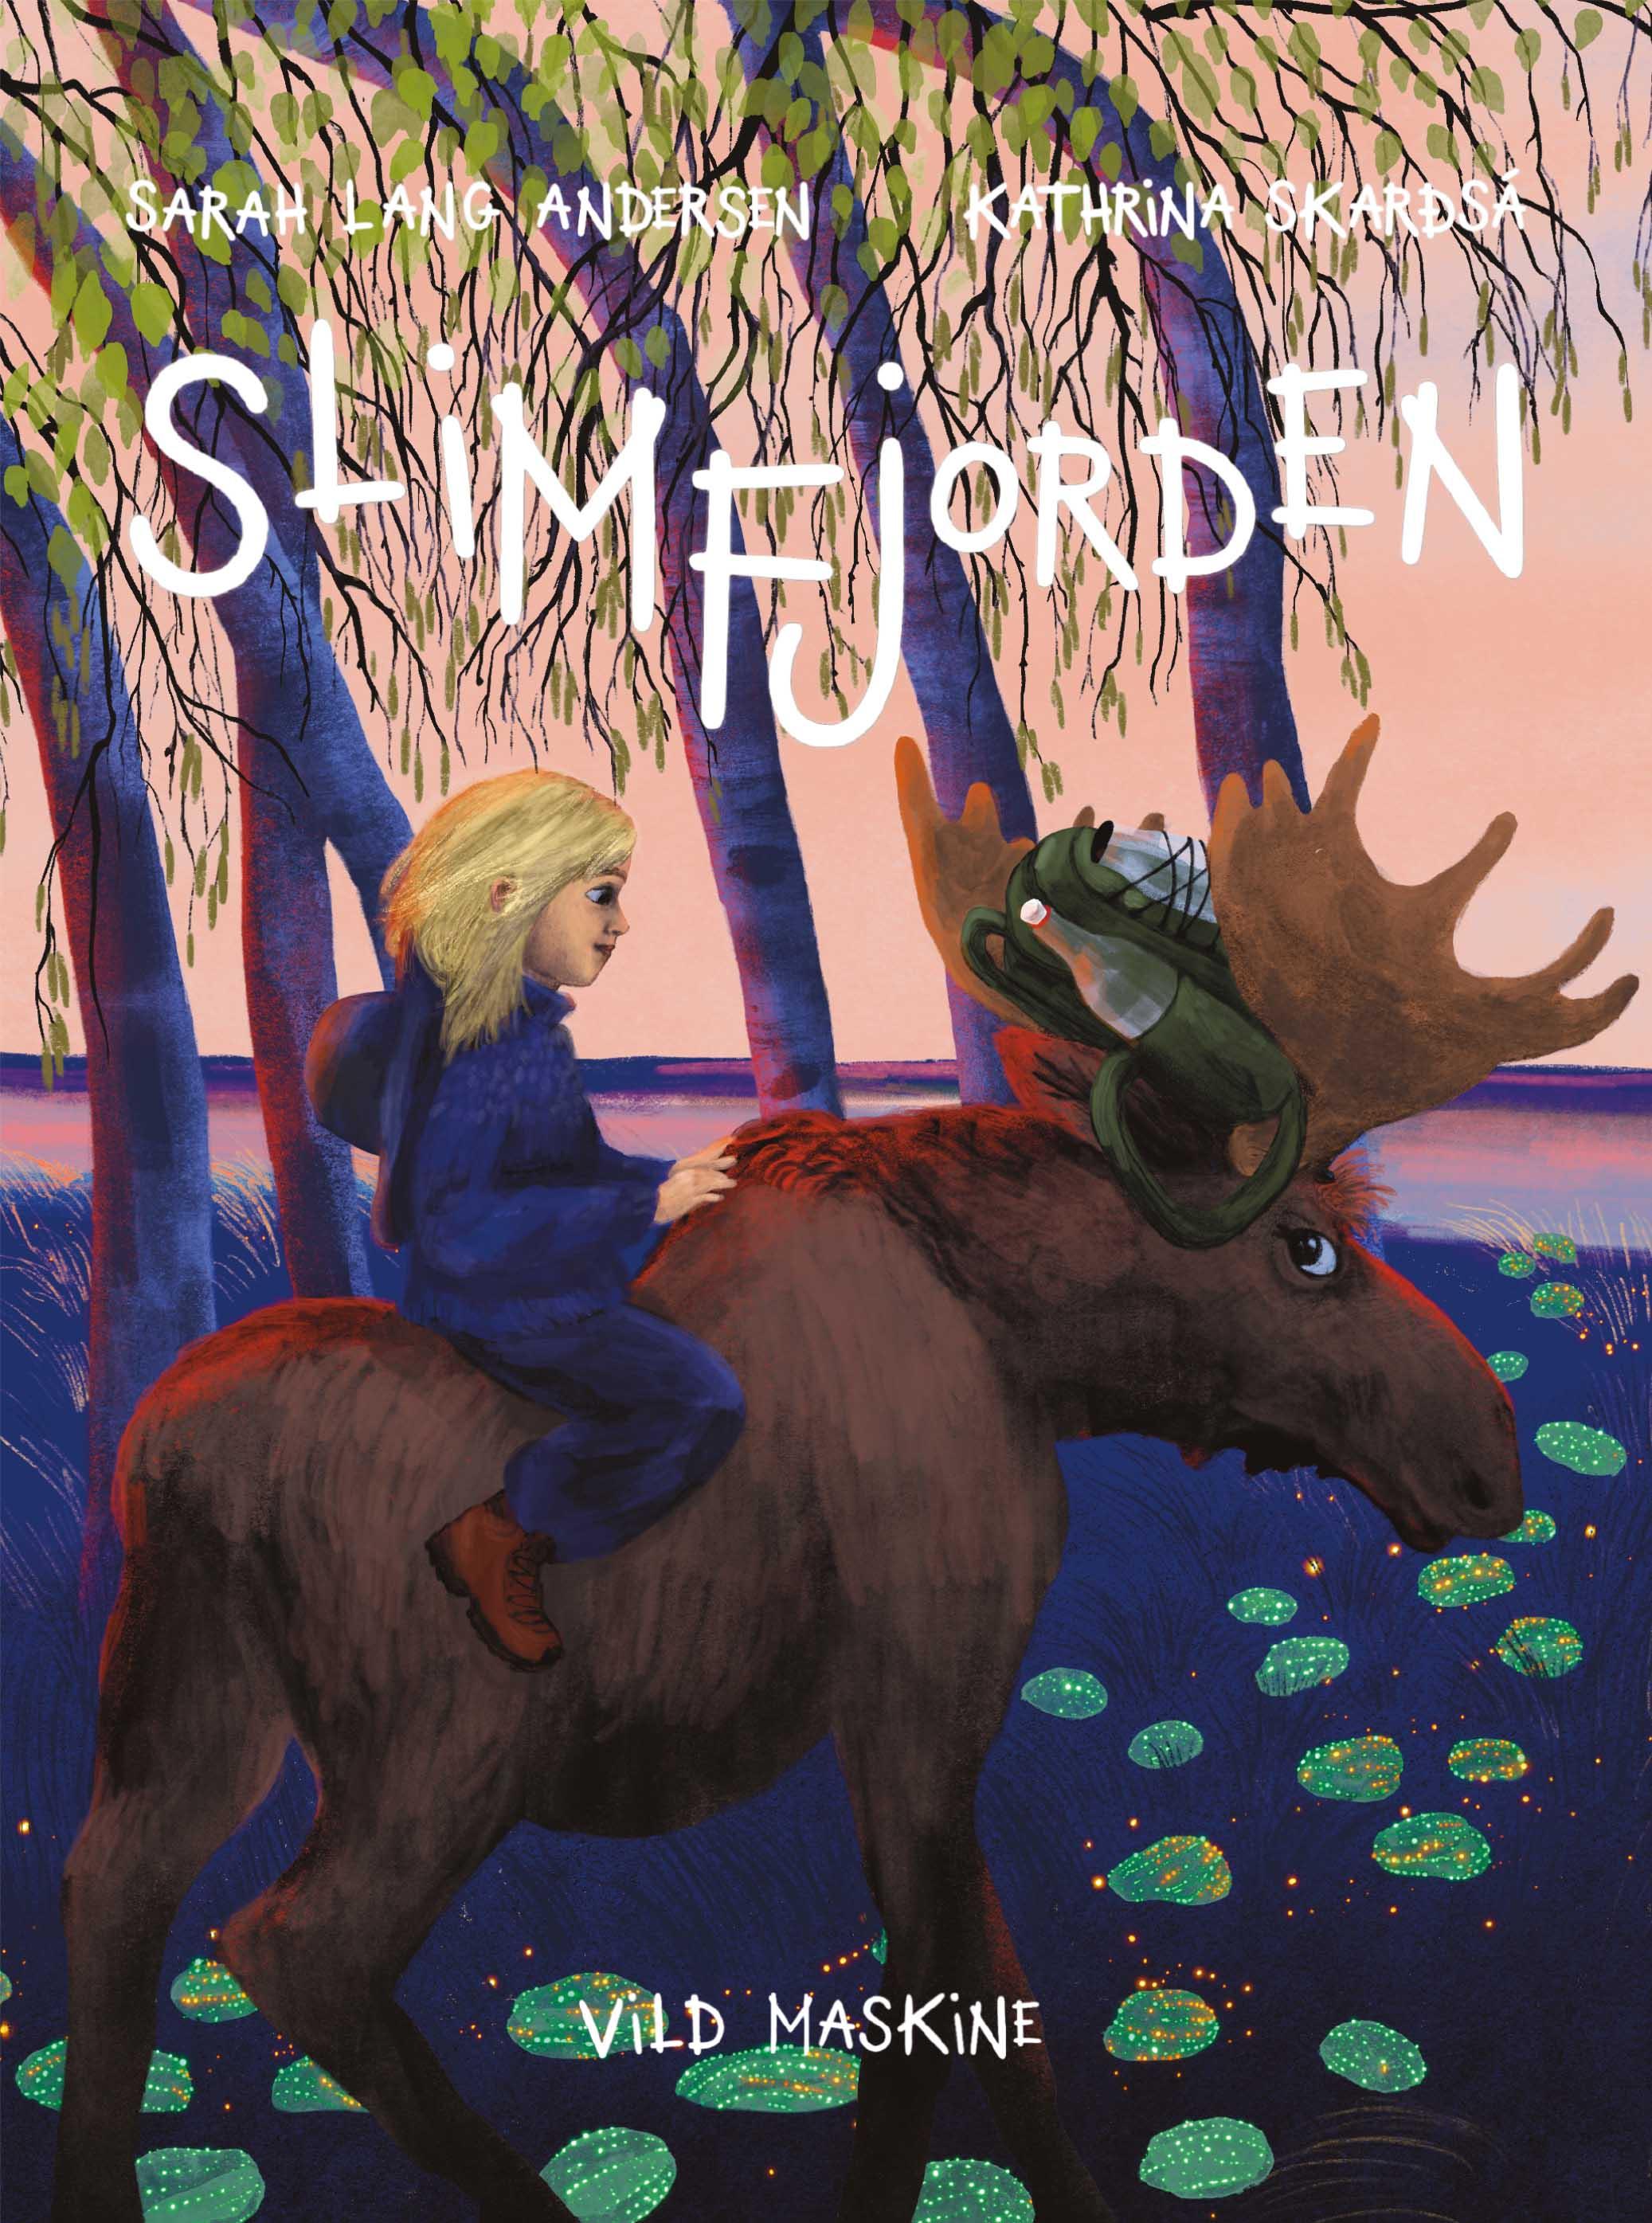 Slimfjorden af Sarah Lang Andersen og illustreret af Kathrina Skarðsá, udgivelsesdato: 30. april 2021.